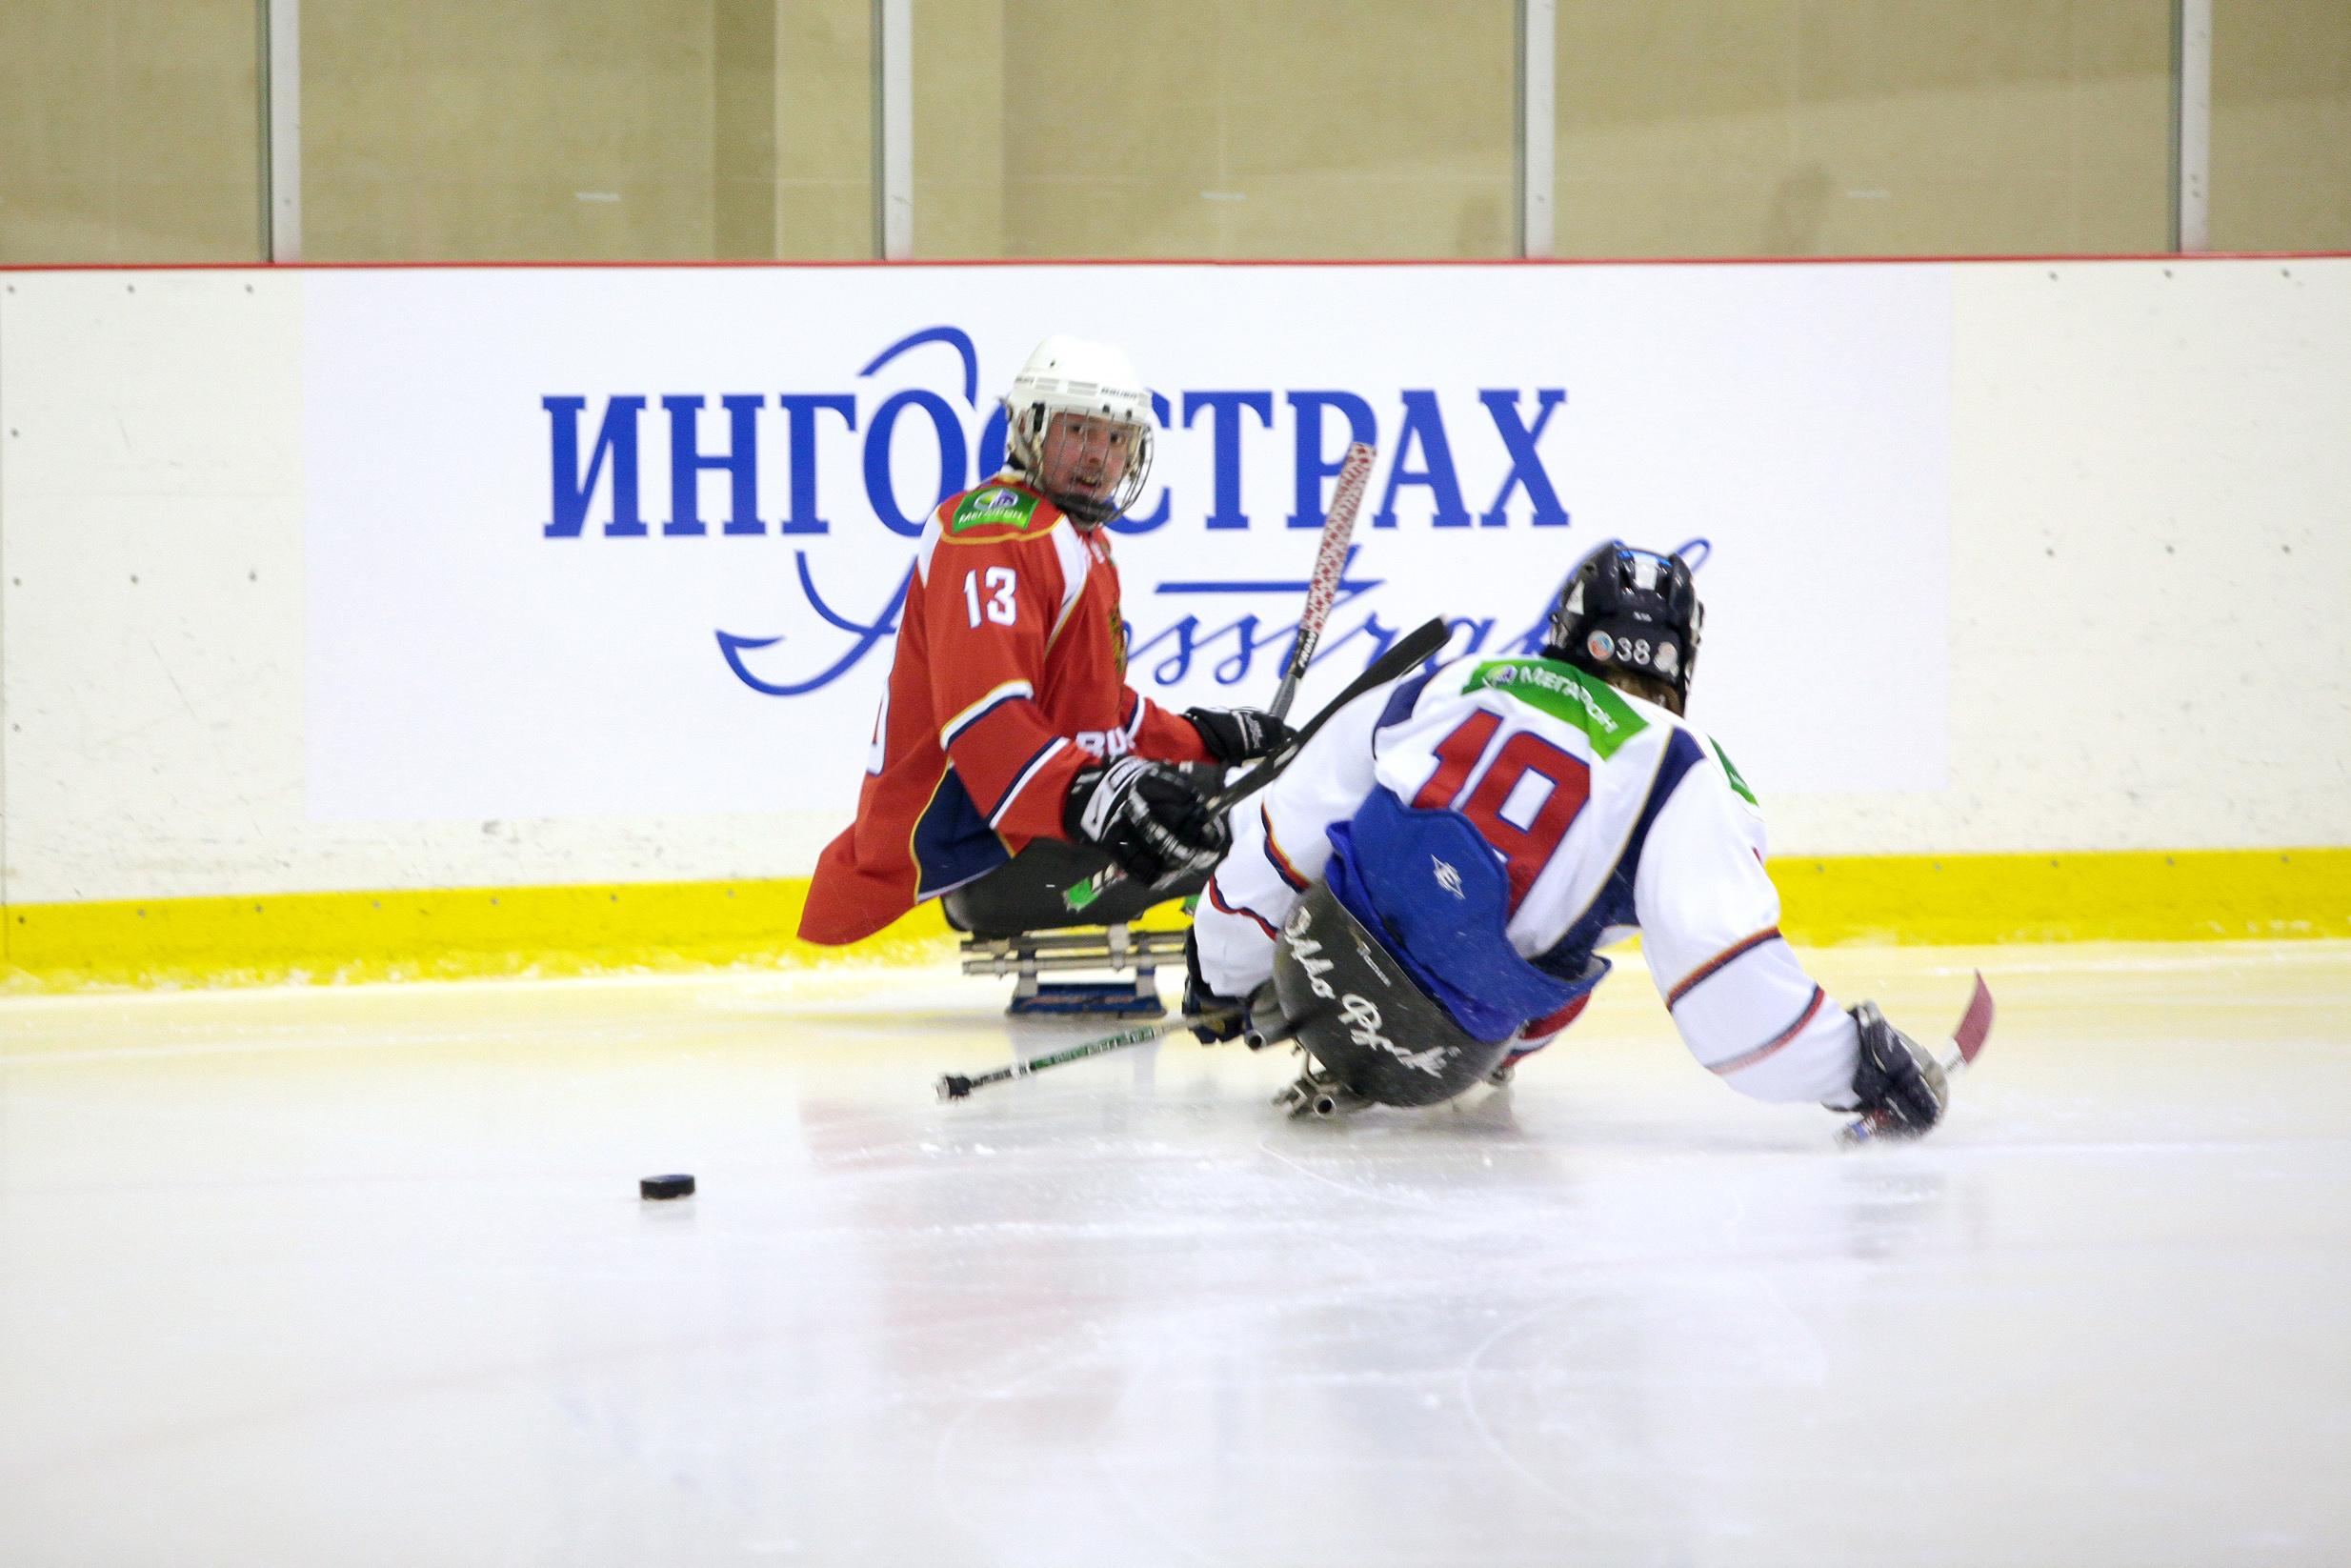 Всероссийская федерация спорта лиц с ПОДА в г. Алексине (Тульская область) проведет 1 этап чемпионата России по хоккею-следж